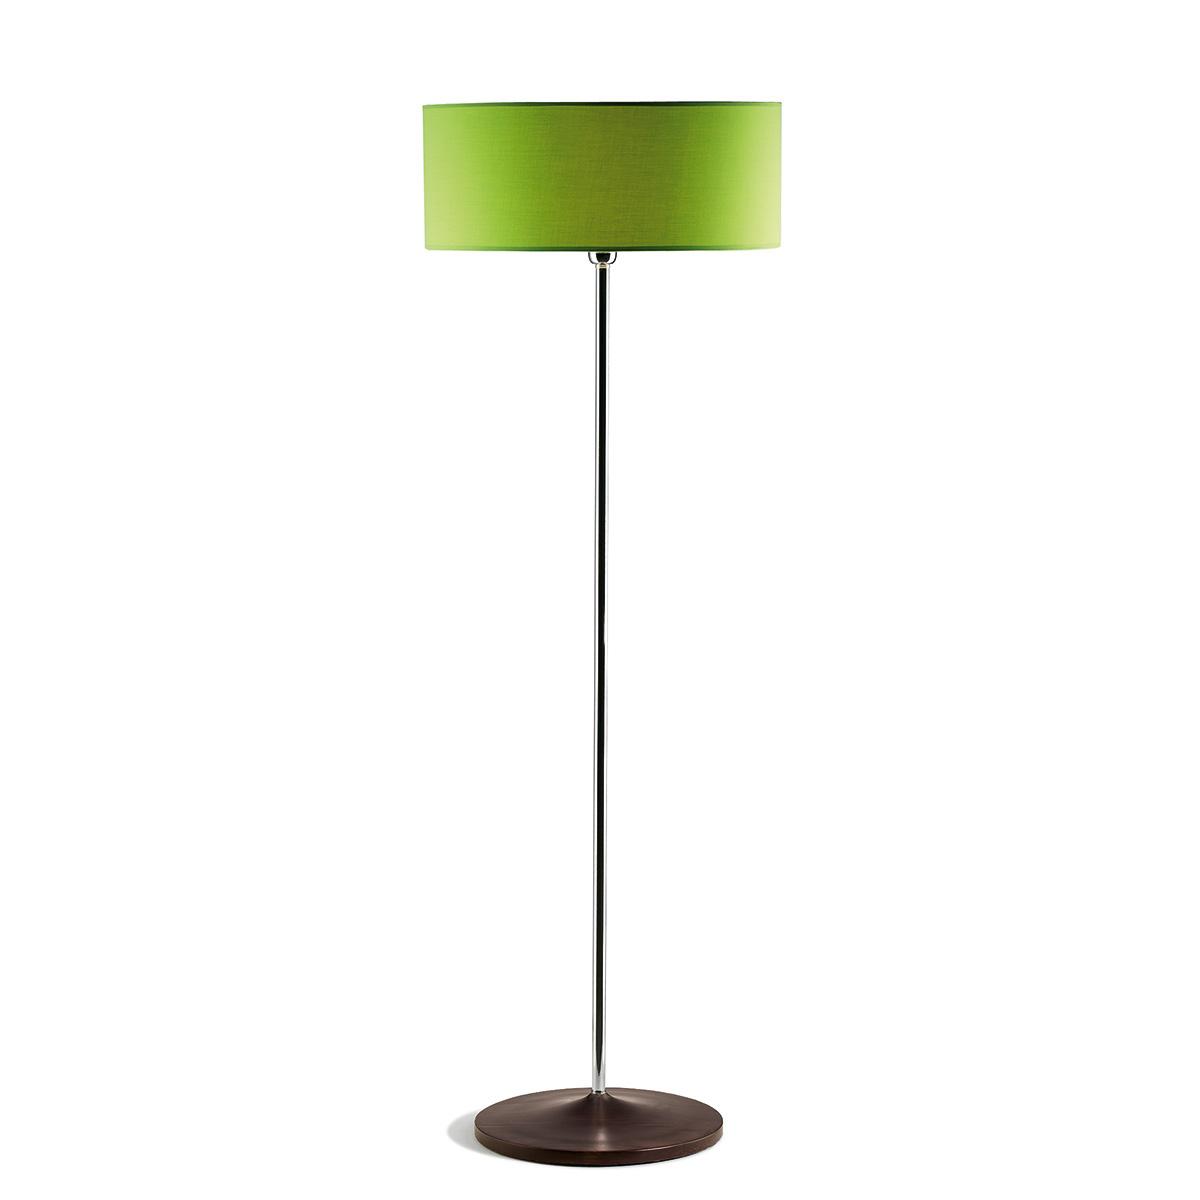 Φωτιστικό δαπέδου με πράσινο καπέλο DISCO ZEN floor lamp with green shade